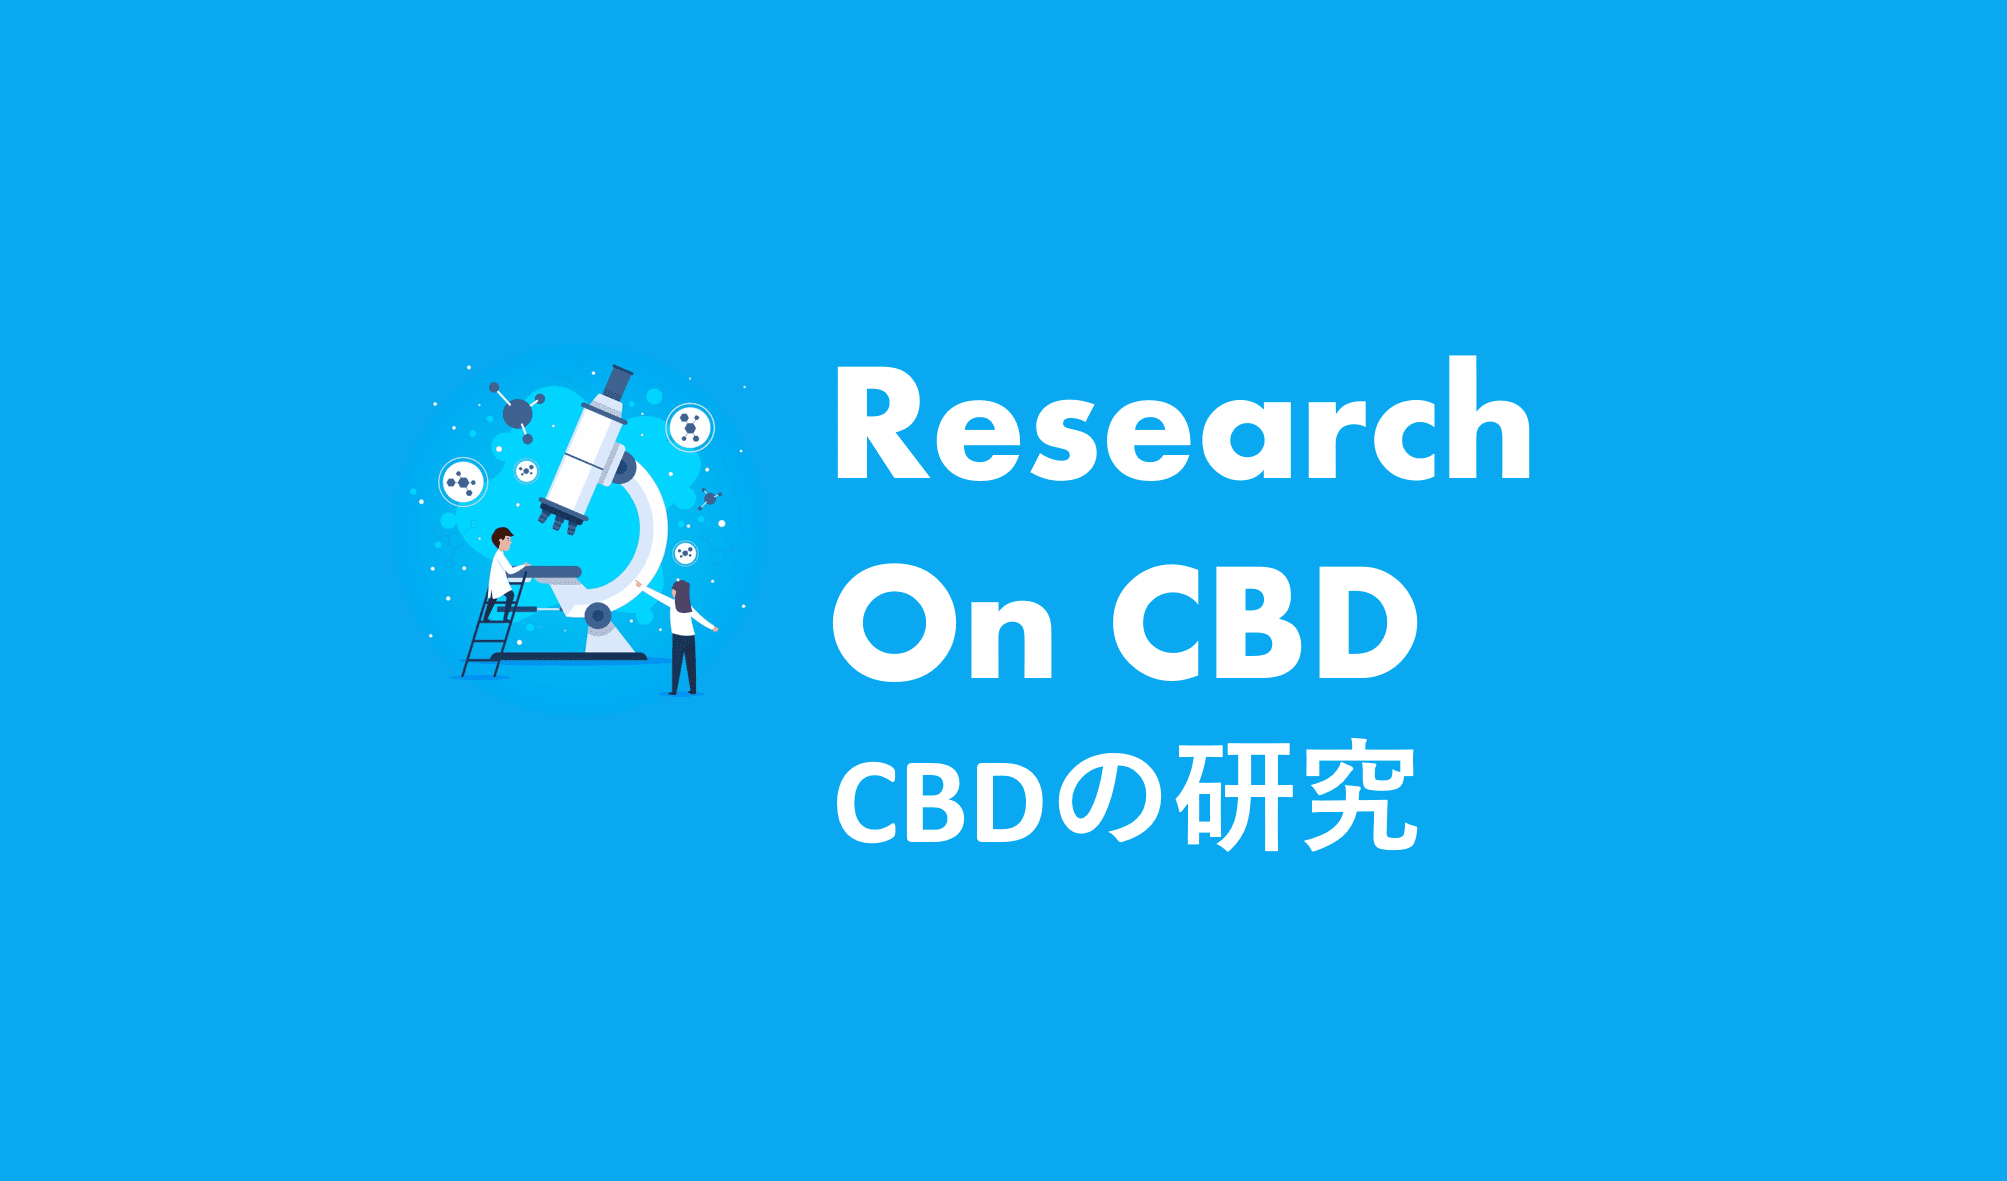 CBDの論文・研究まとめ